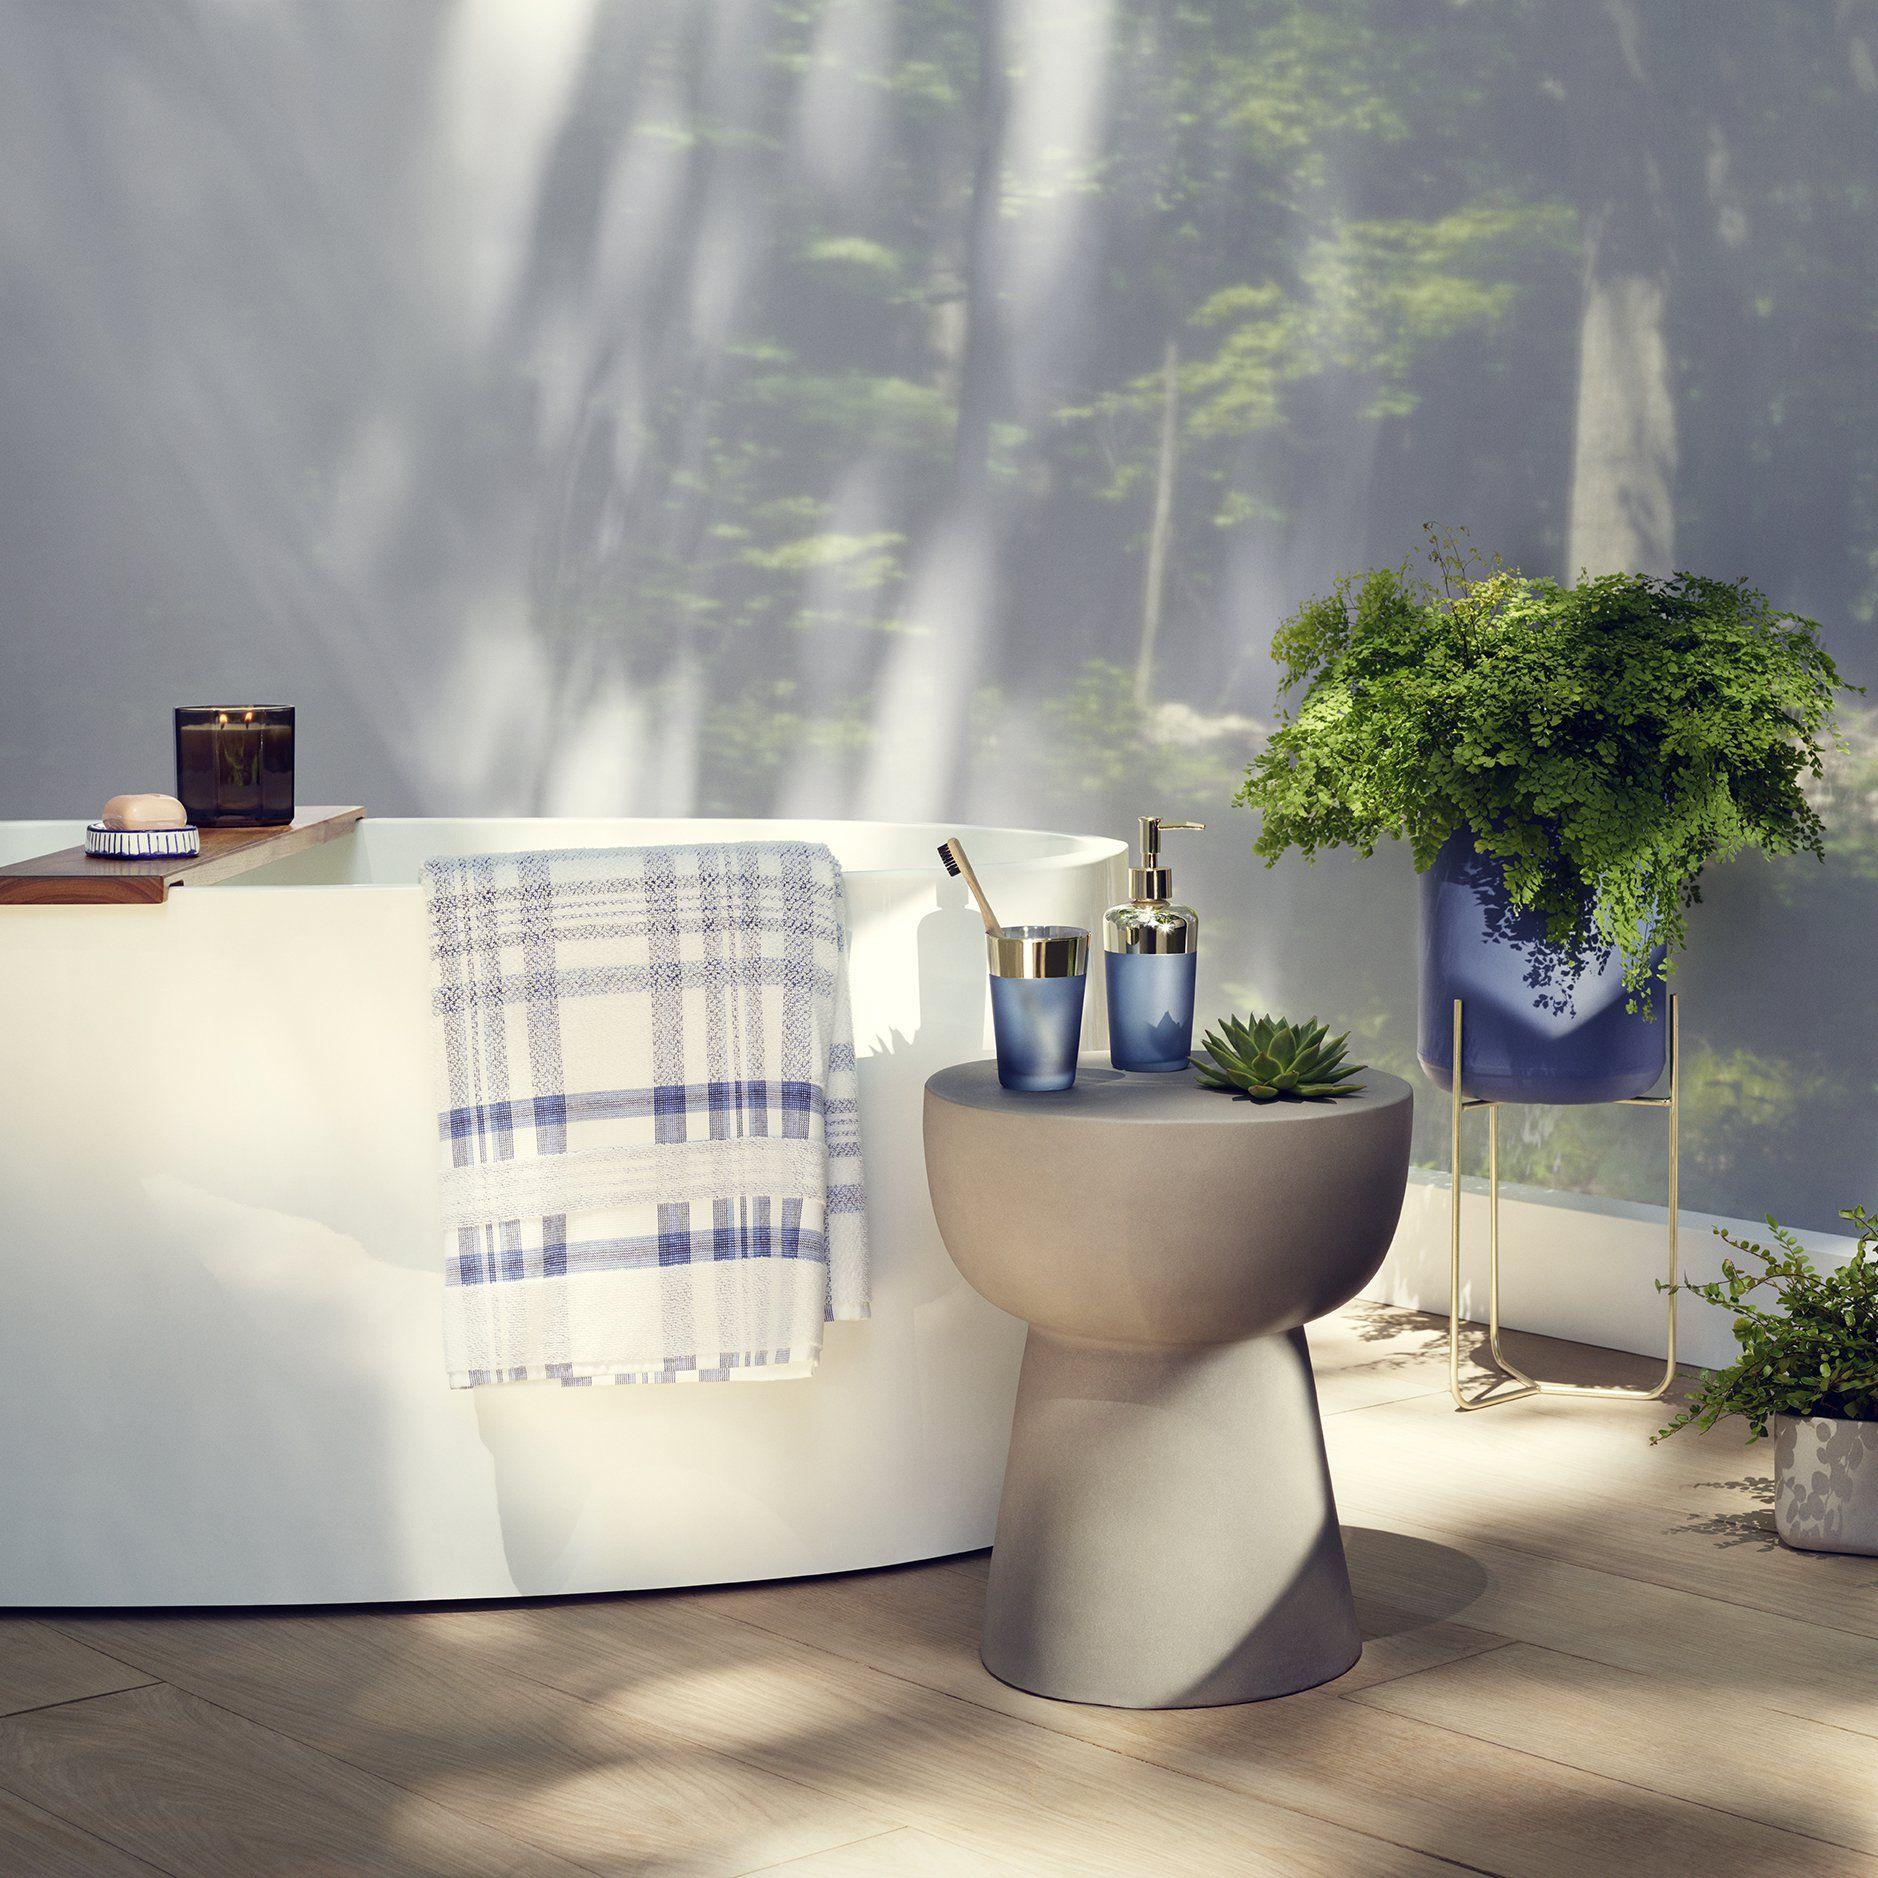 Accessoires Salle De Bain Zara Home ~ des accessoires de salle de bains tendance design zara home nouvelle